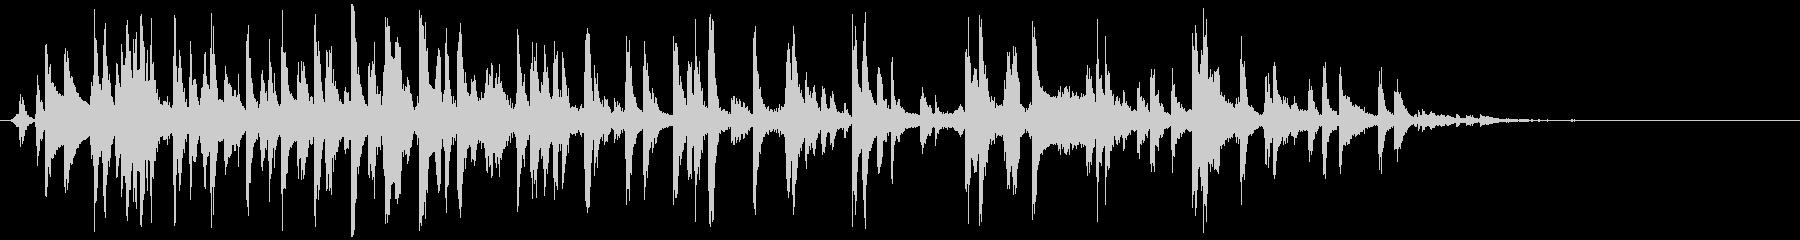 赤ちゃんガラガラ(振る やや長め)の未再生の波形